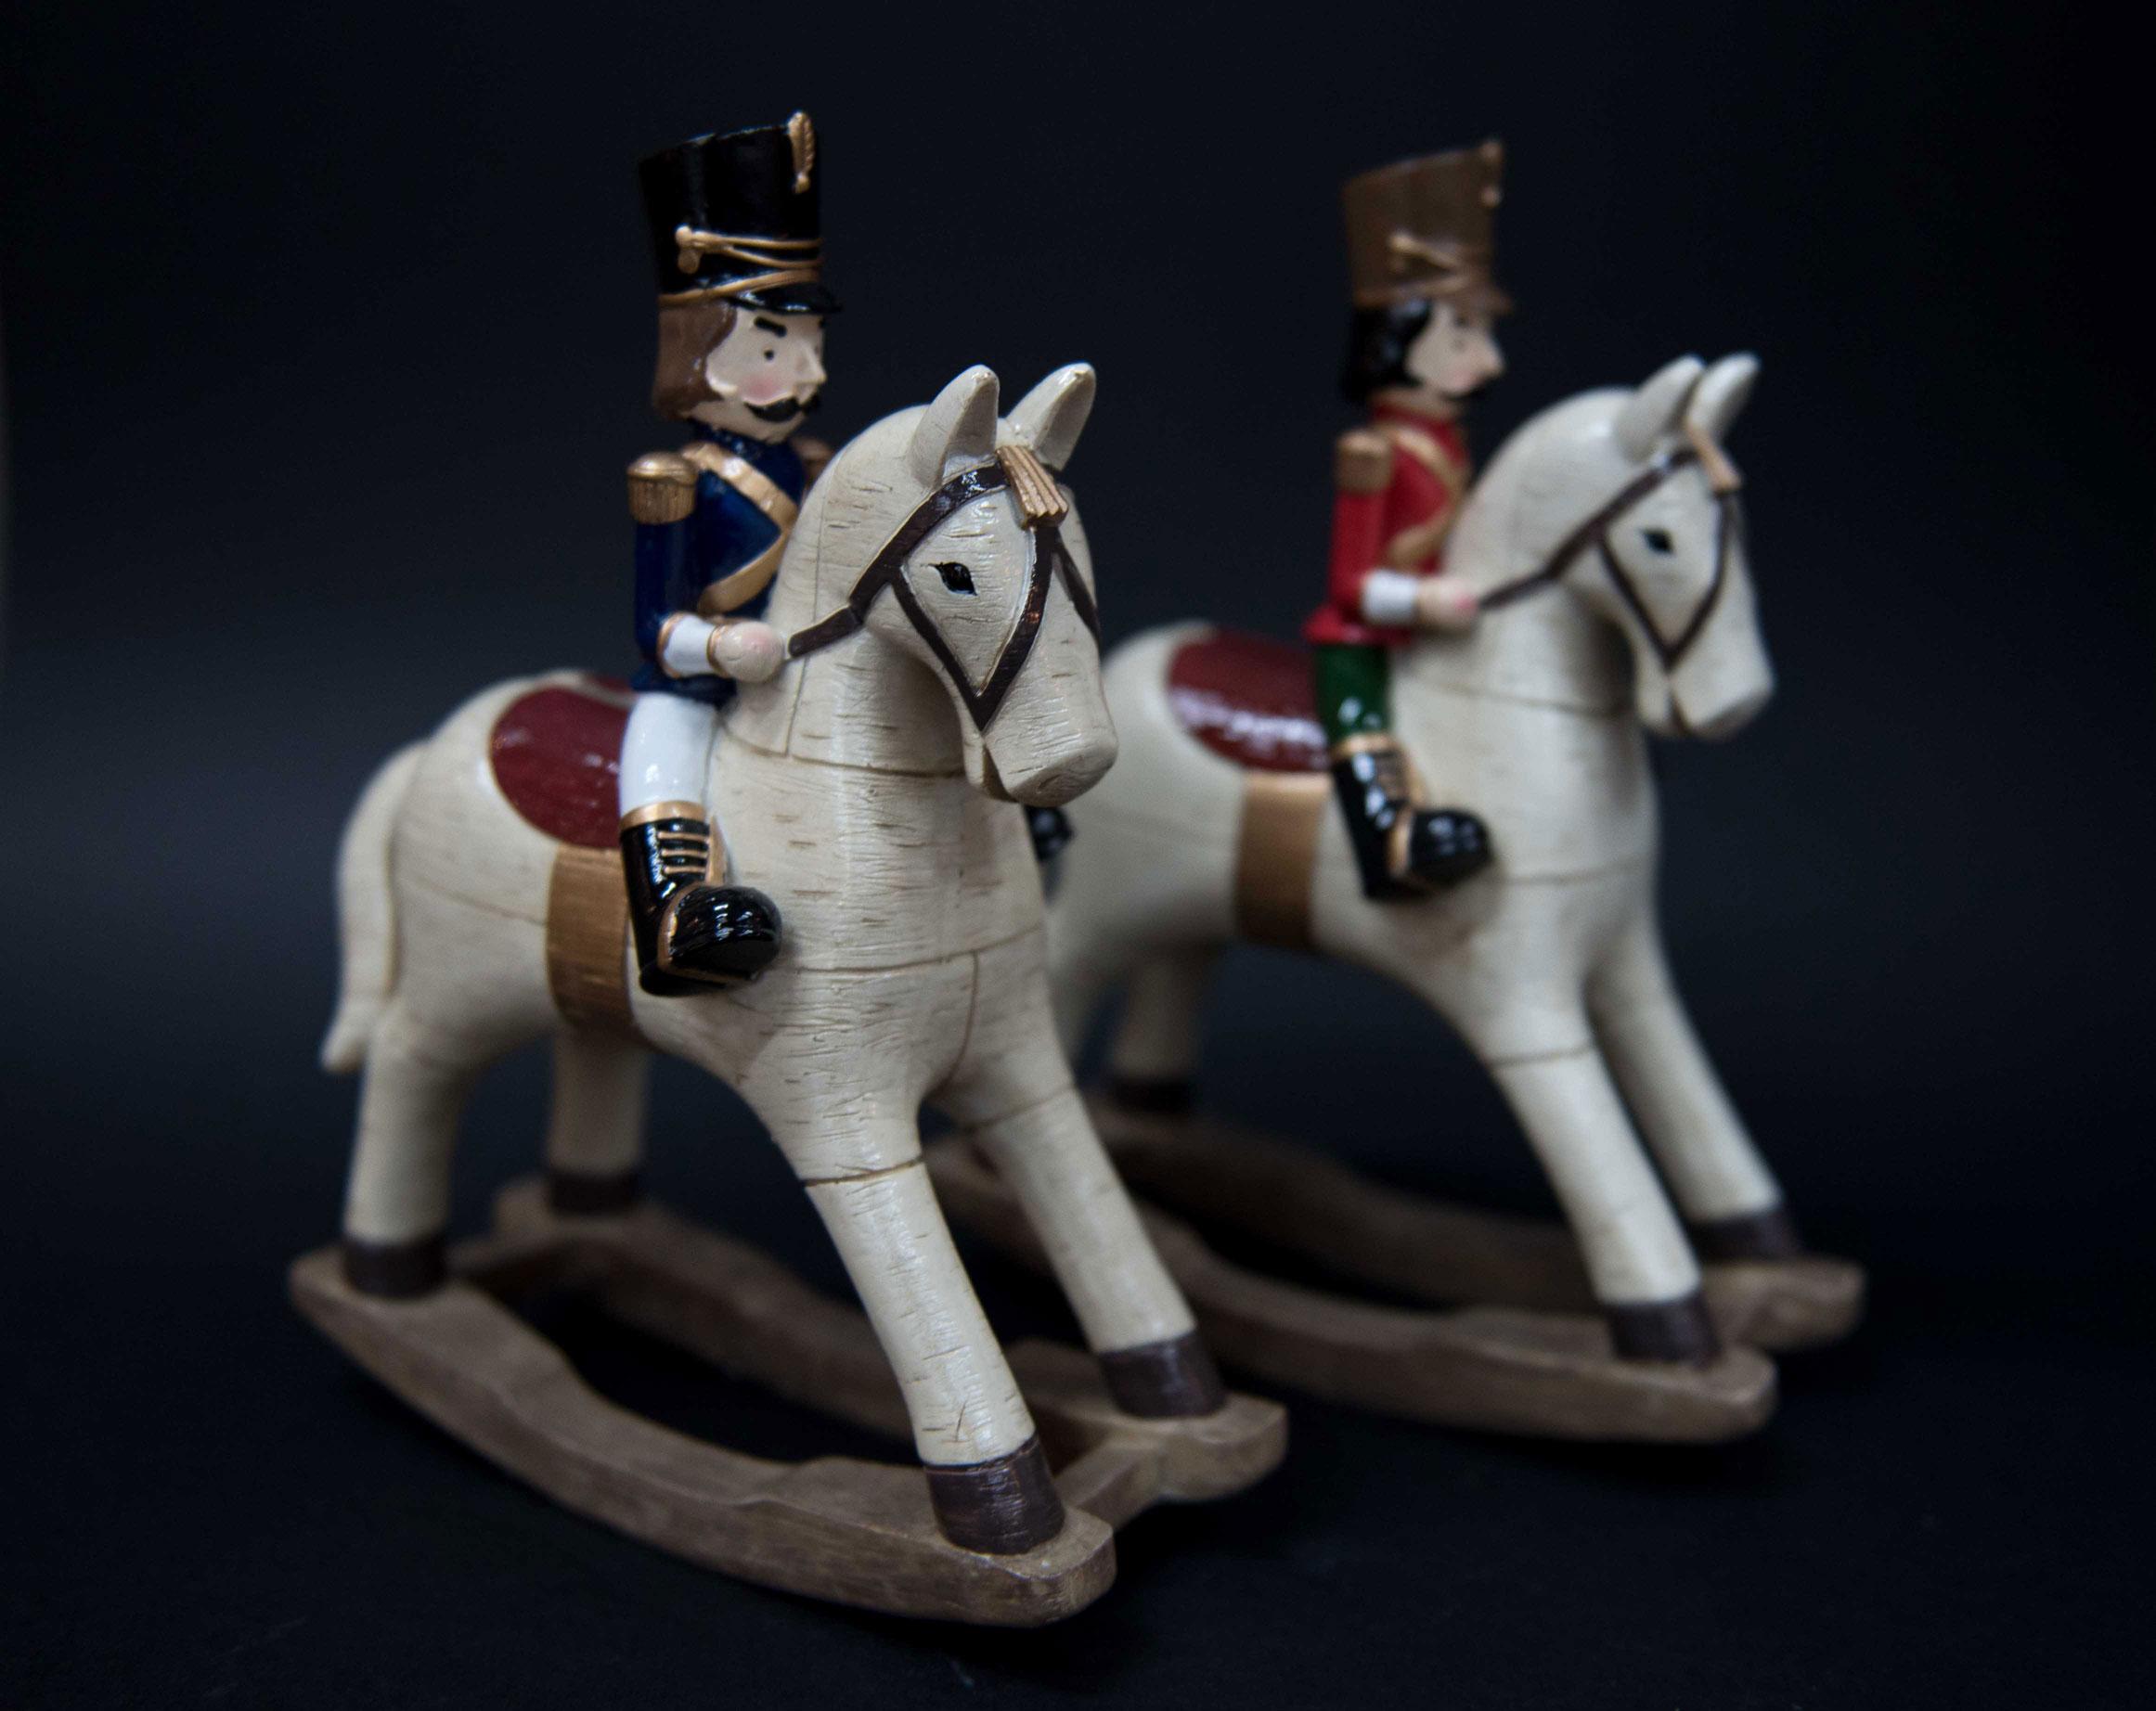 Cavallo A Dondolo Legno Bomboniera.Salvadanaio In Ceramica A Forma Di Soldatini A Cavallo A Dondolo